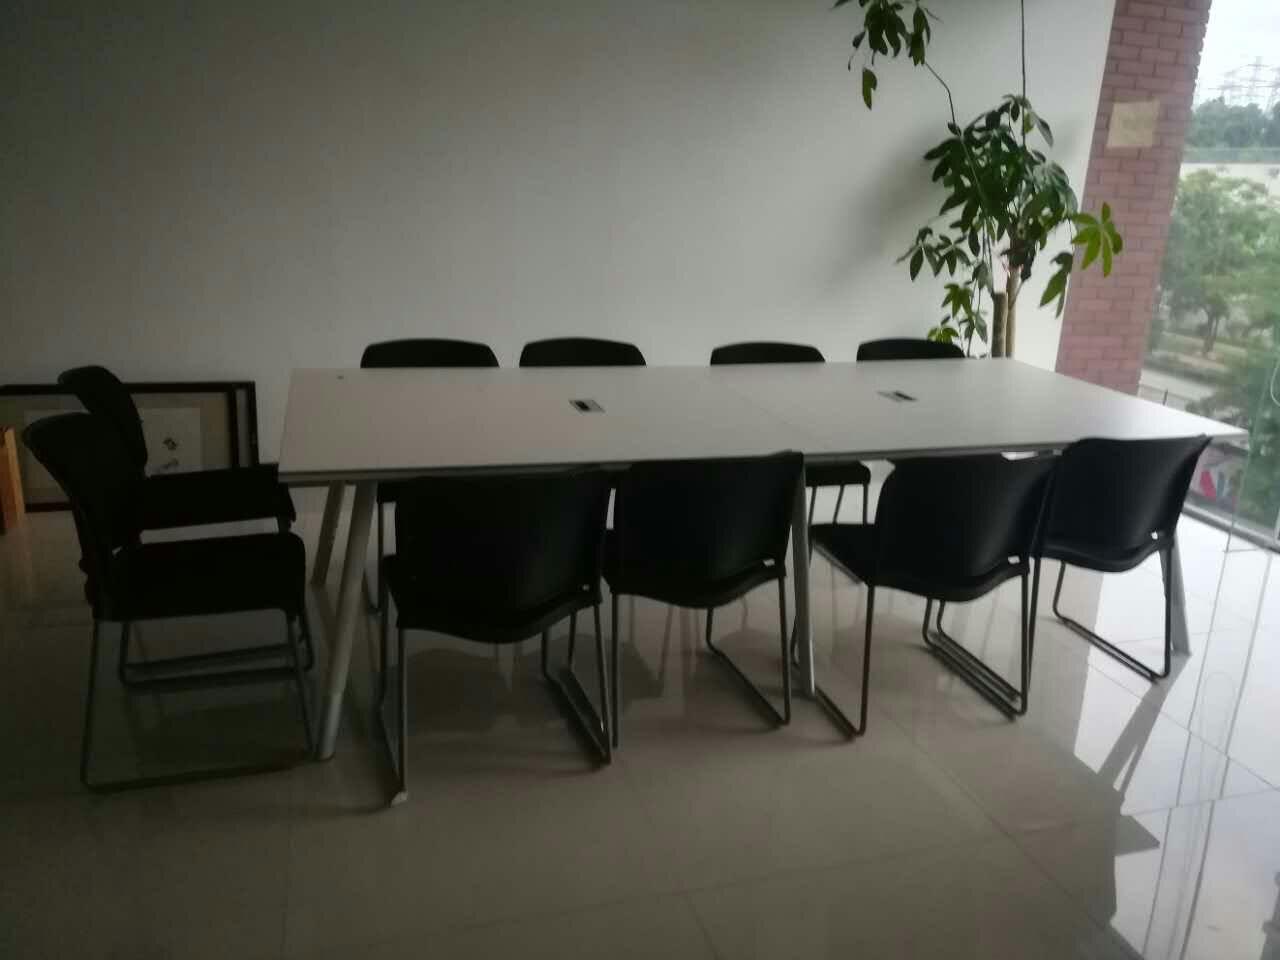 合步二手办公桌、会议桌、文件柜销售安装服务案例——李先生